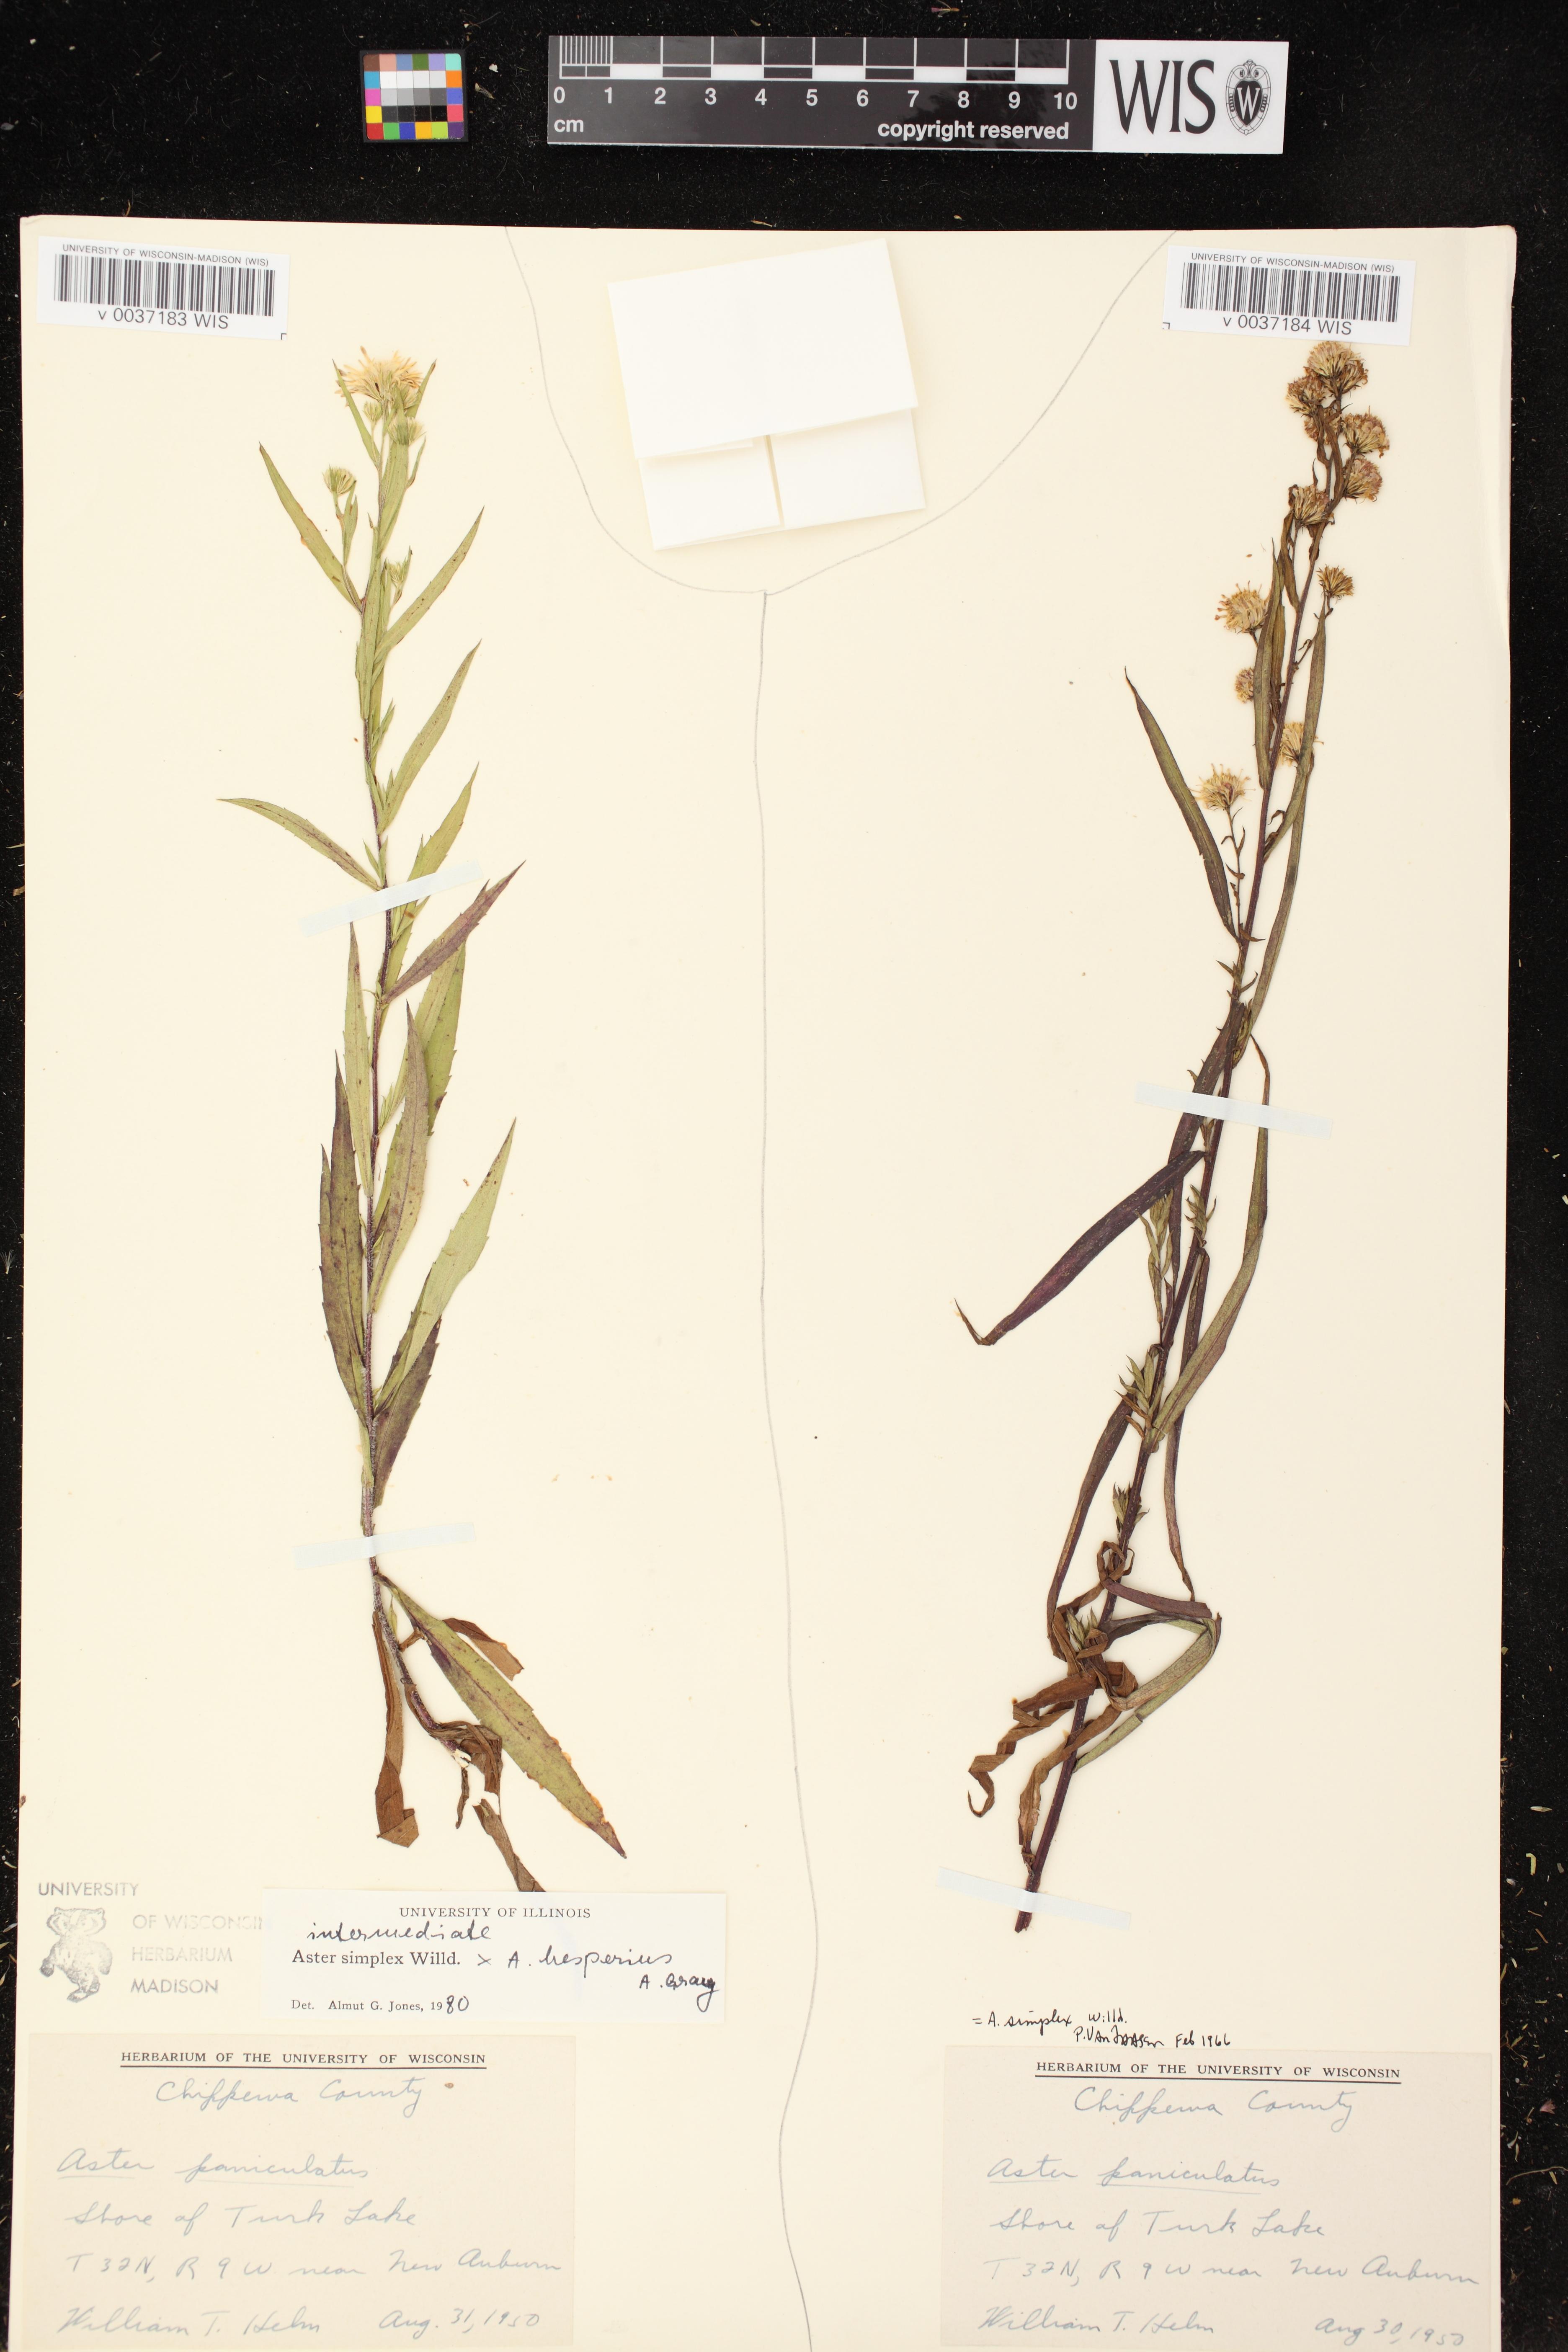 Image of Symphyotrichum lanceolatum var. hesperium x s. lanceolatum var. lanceolatum